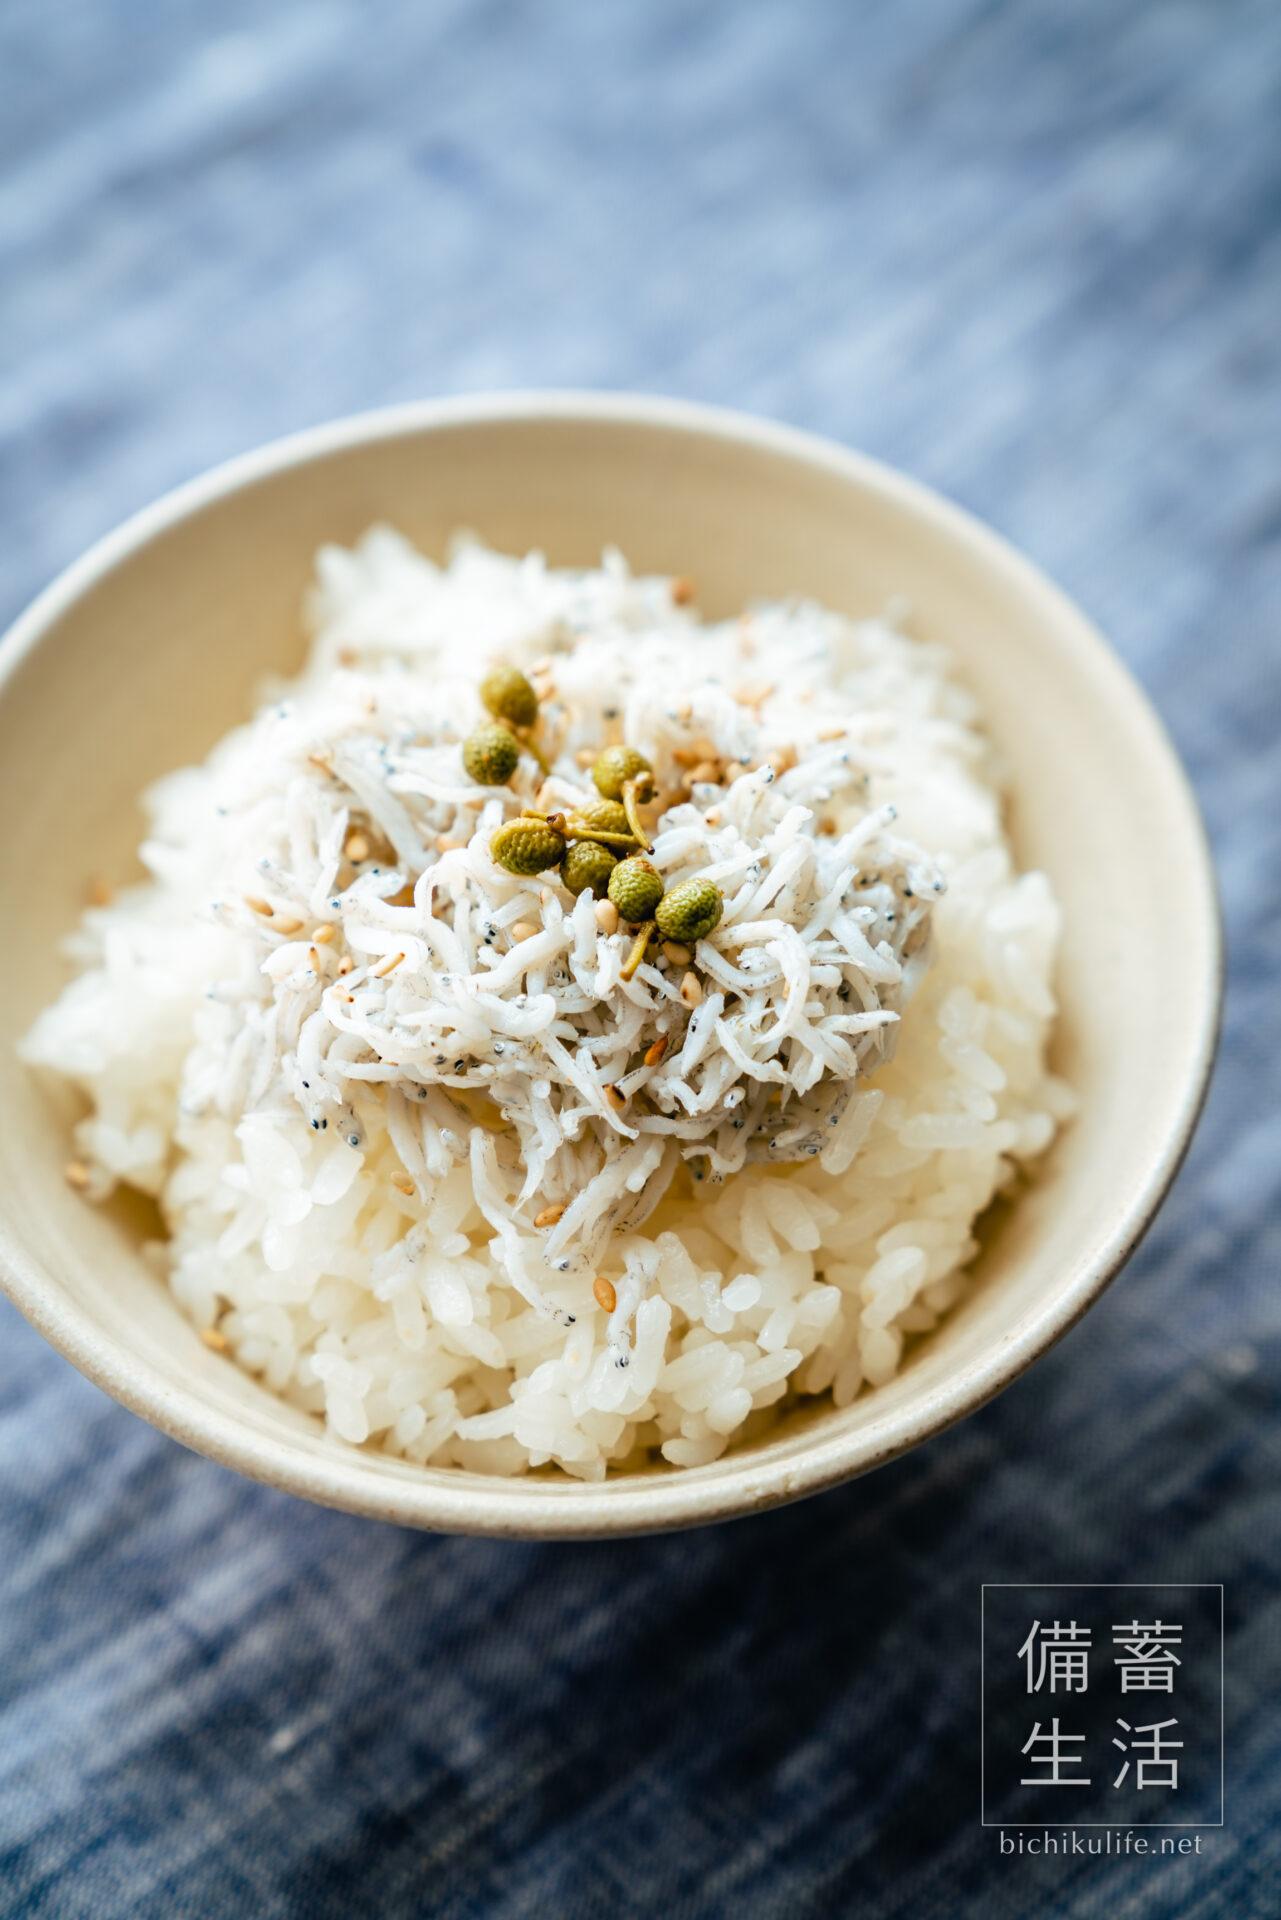 山椒の醤油漬けの作り方・レシピ、シラスご飯の山椒醤油がけ